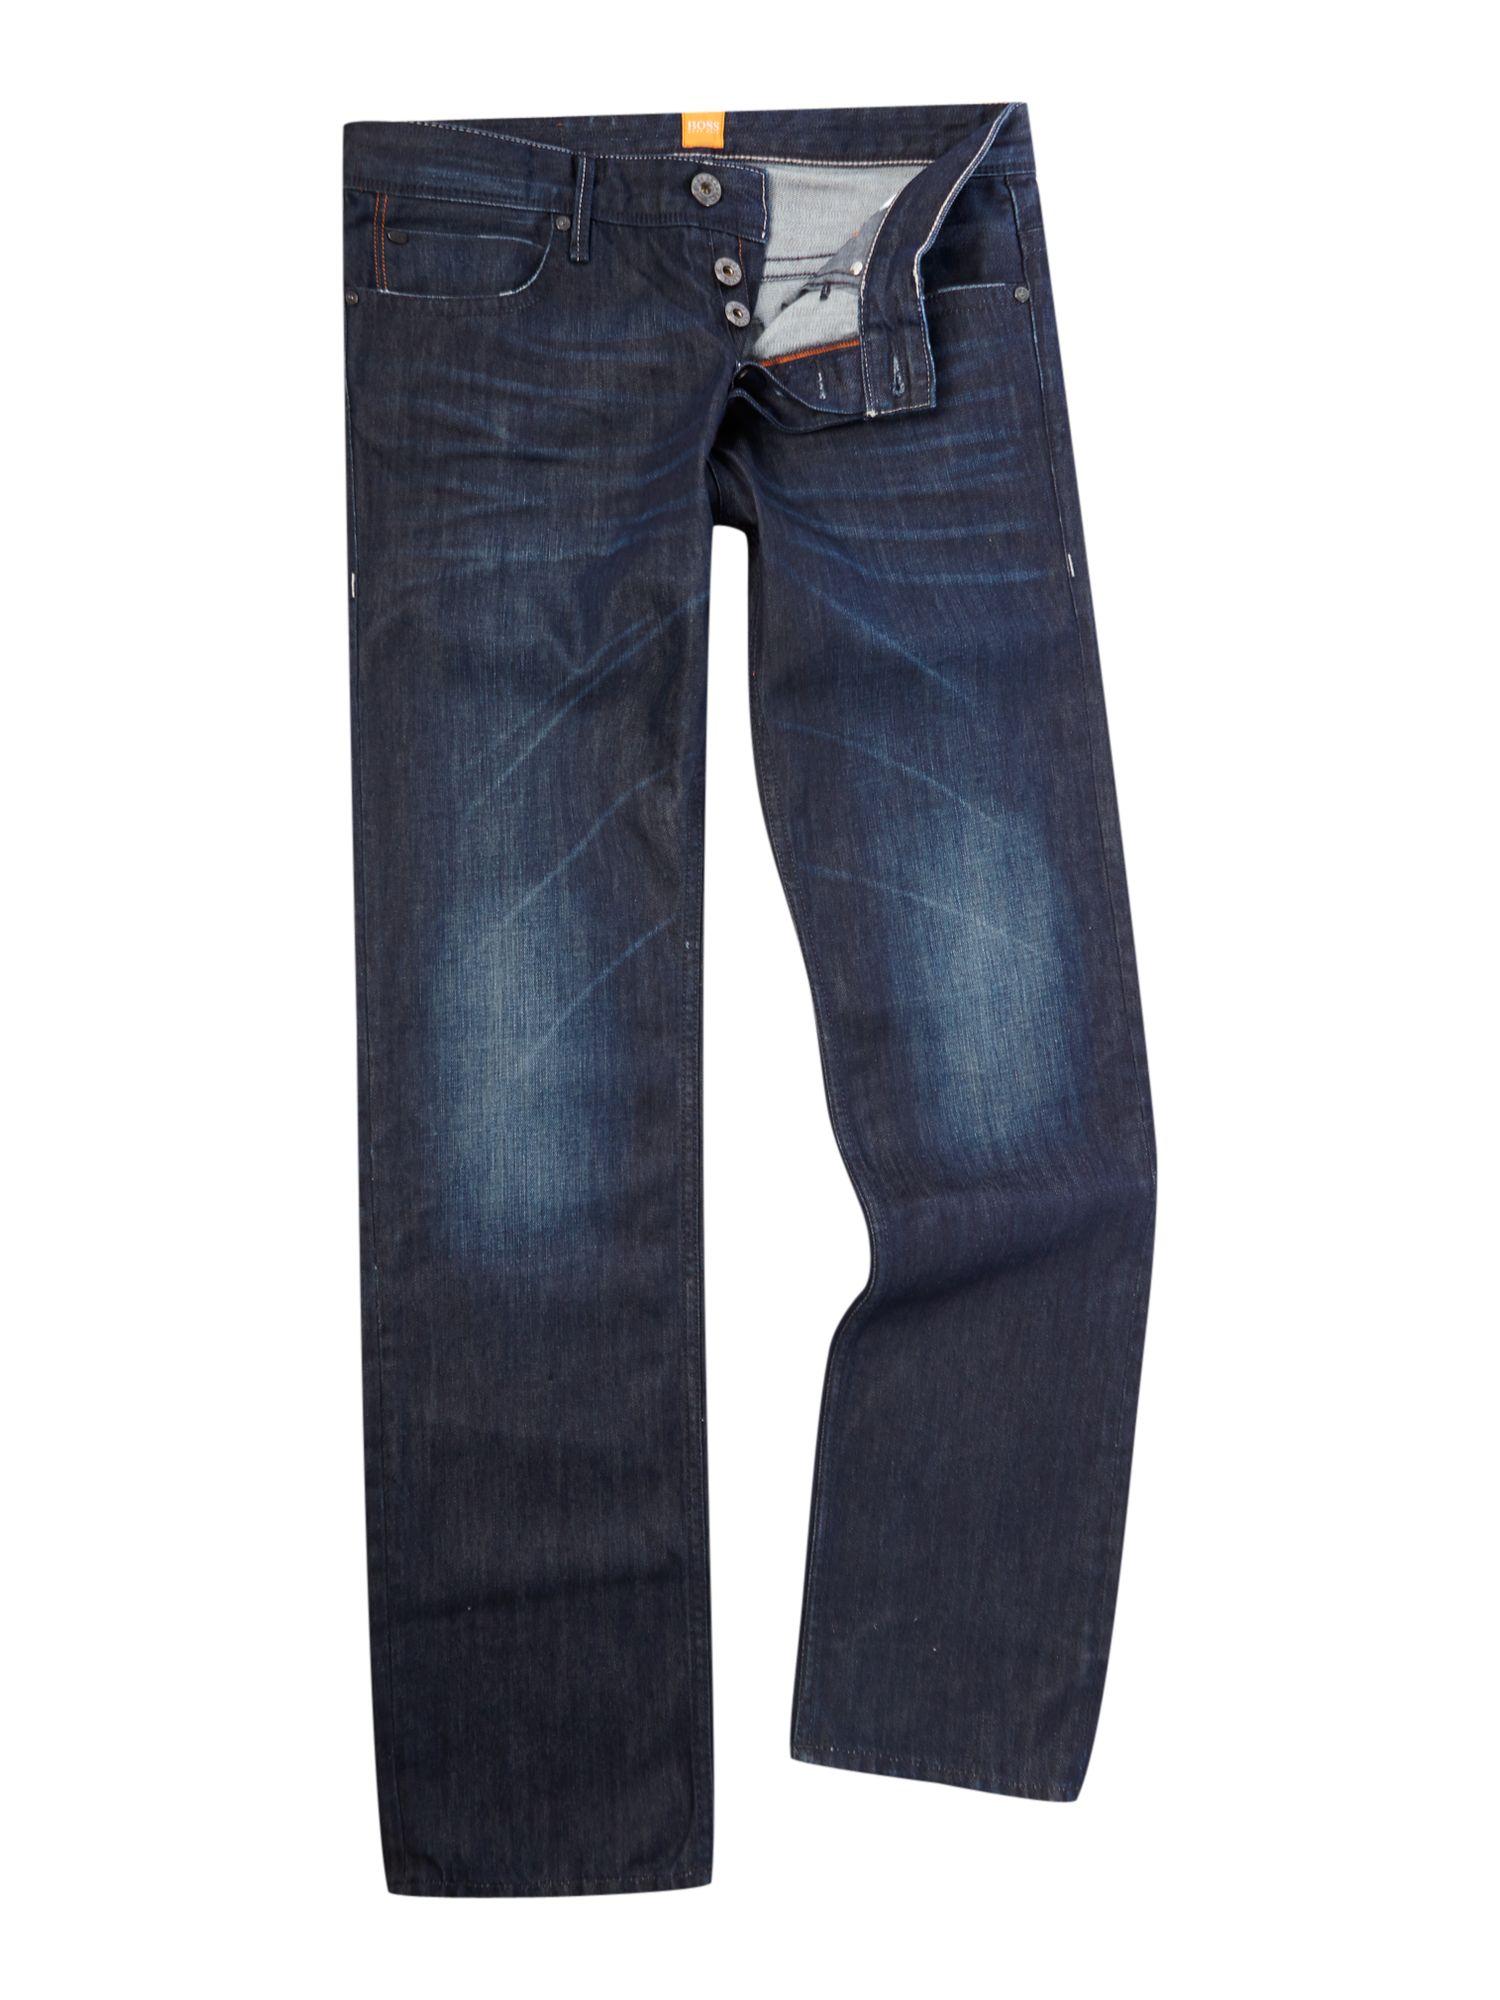 hugo boss orange 24 milano dark wash jeans in blue for men. Black Bedroom Furniture Sets. Home Design Ideas